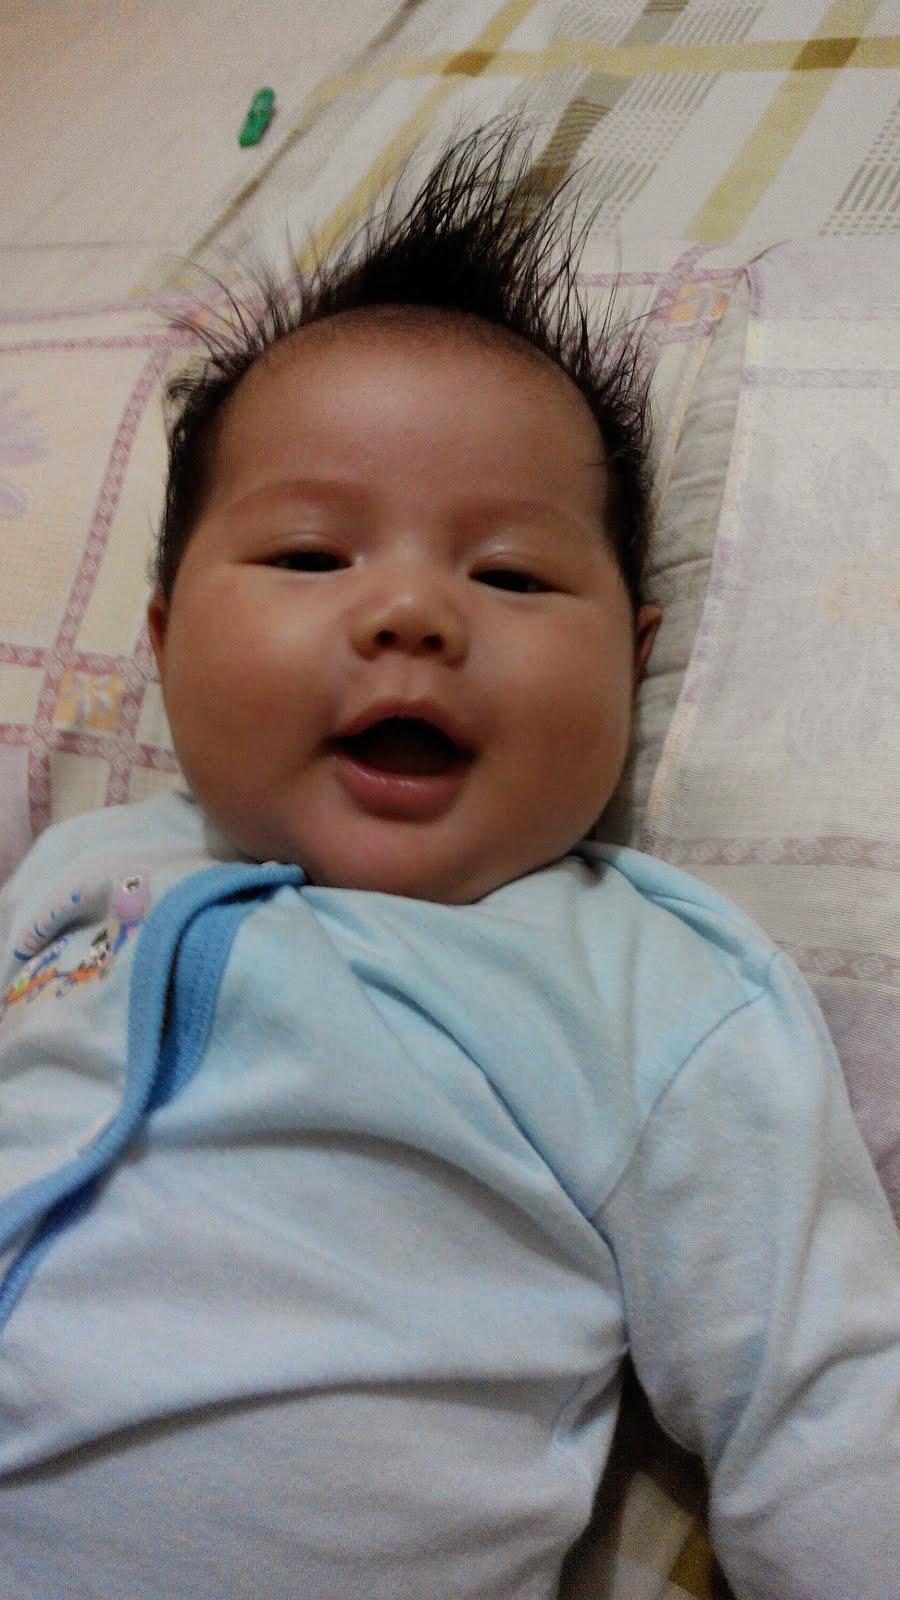 Aishah Fateha 2 months